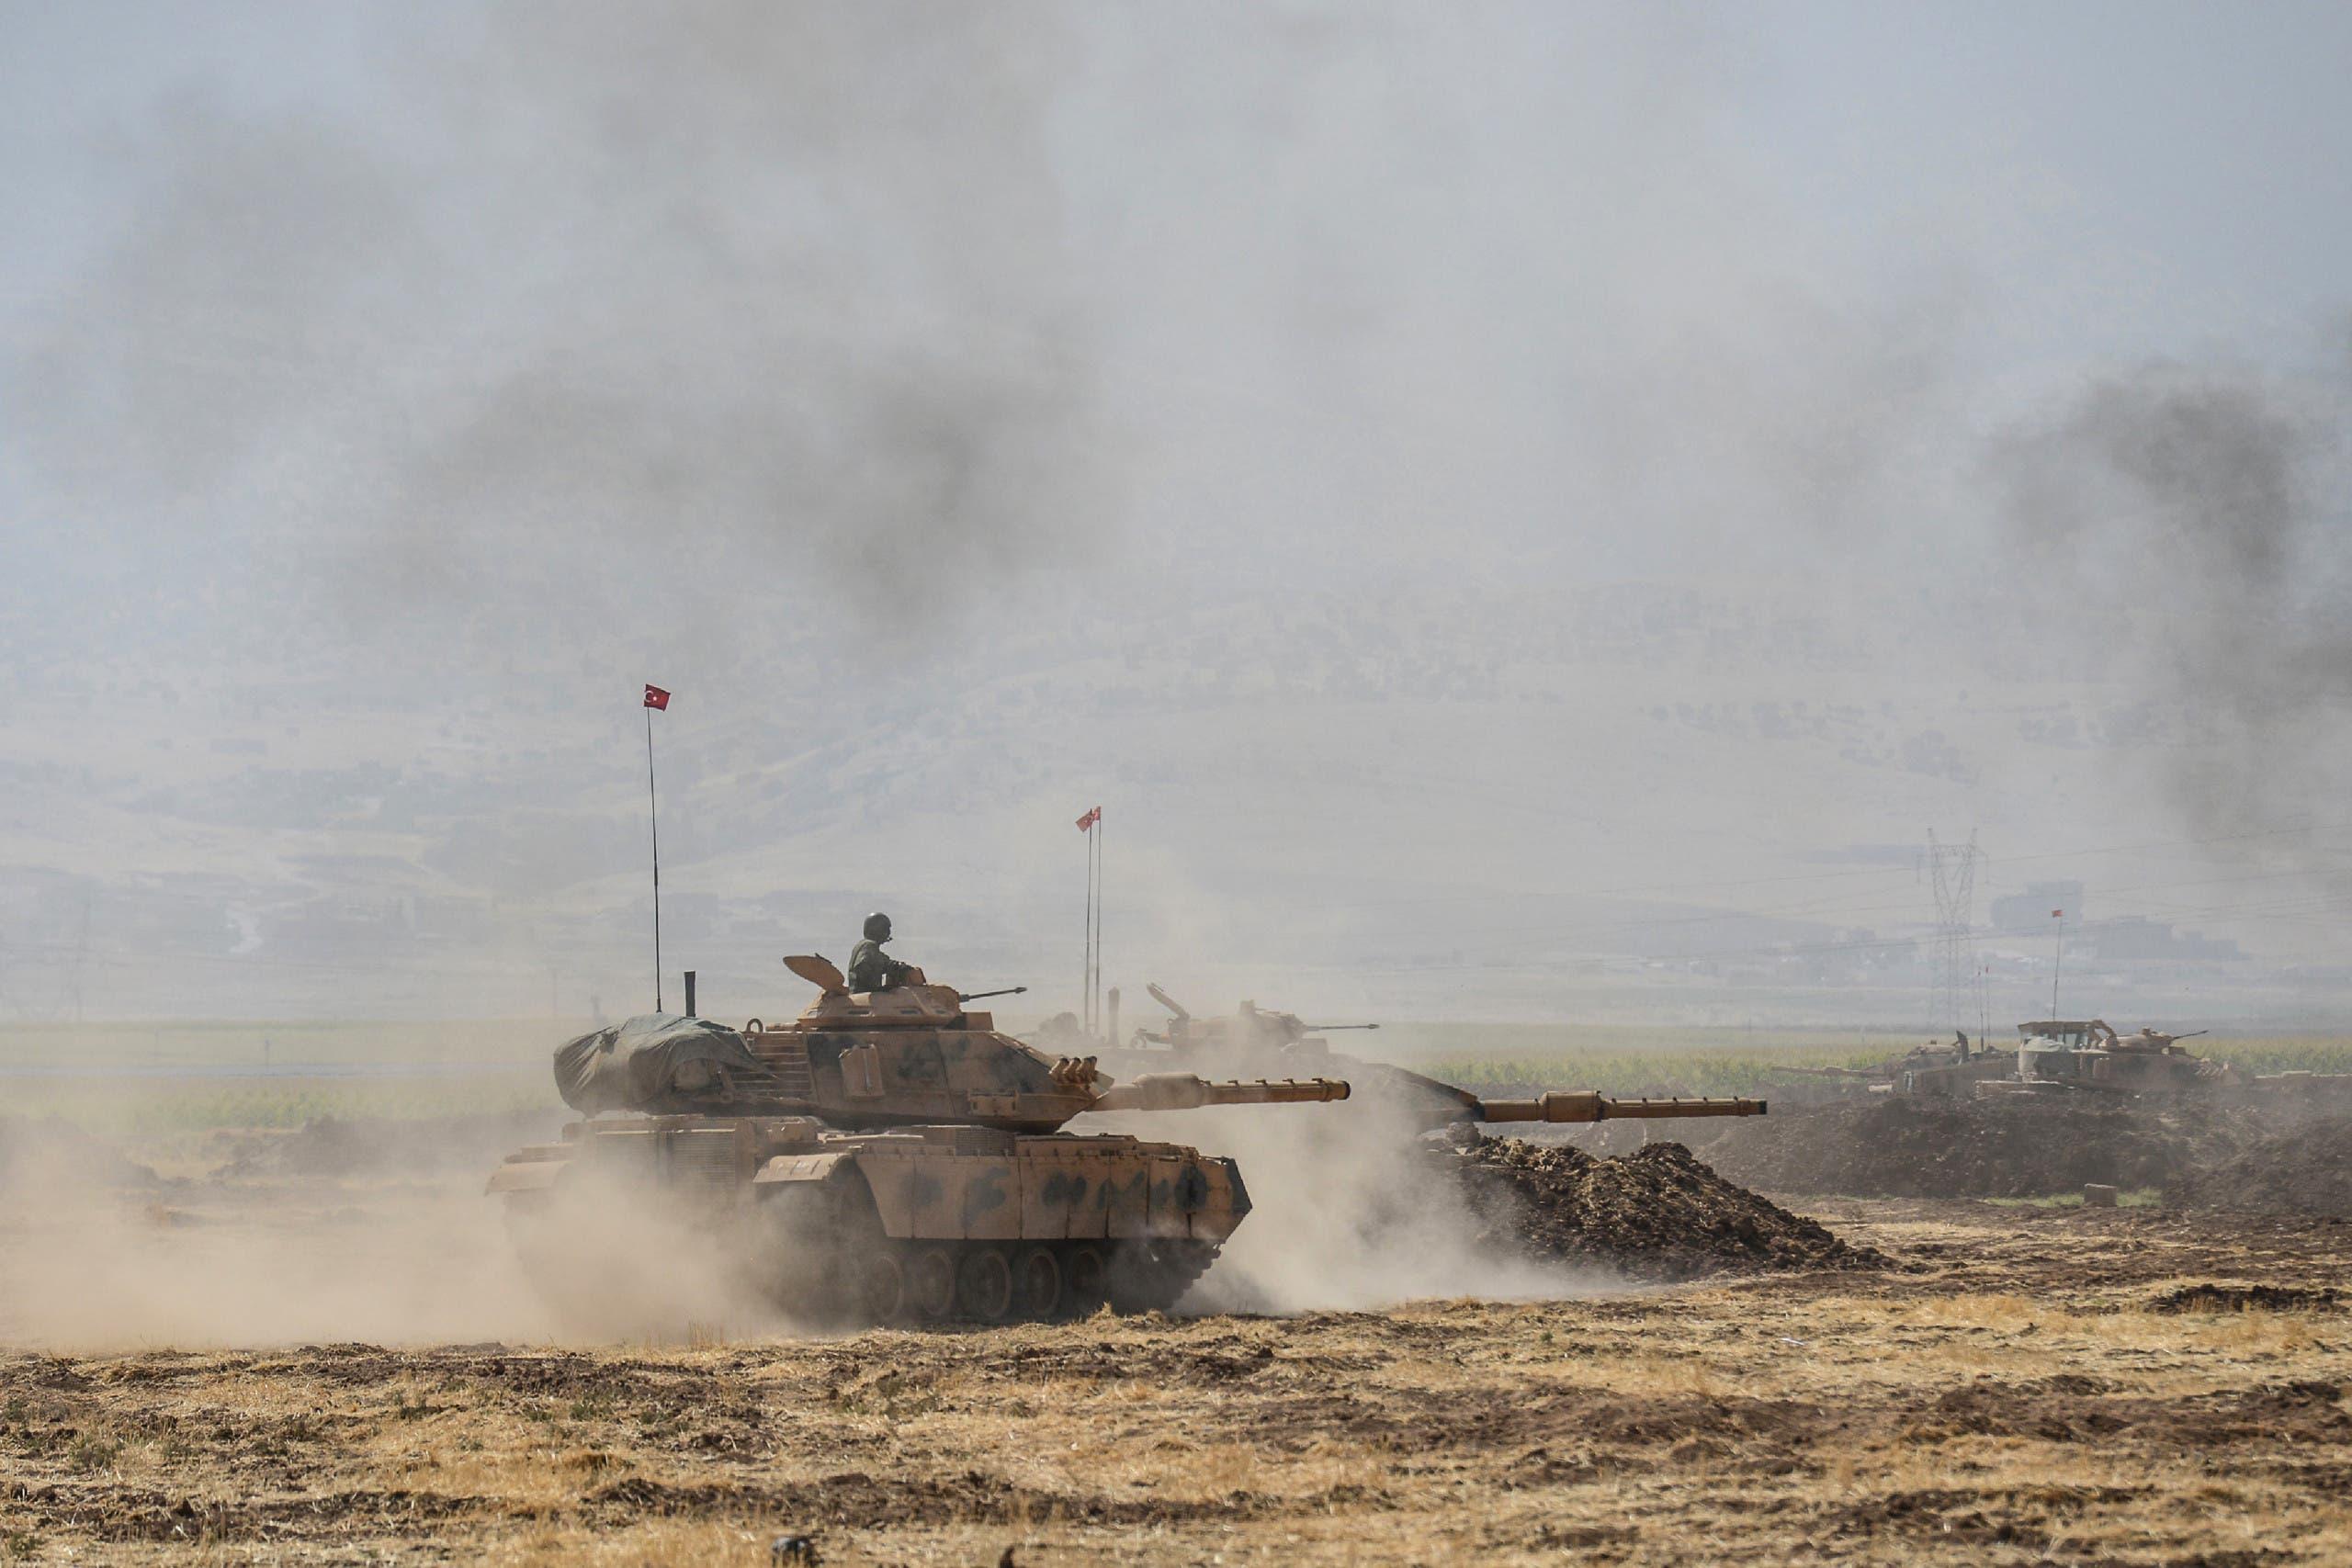 آليات عسكرية تركية على الحدود العراقية (أرشيفية)